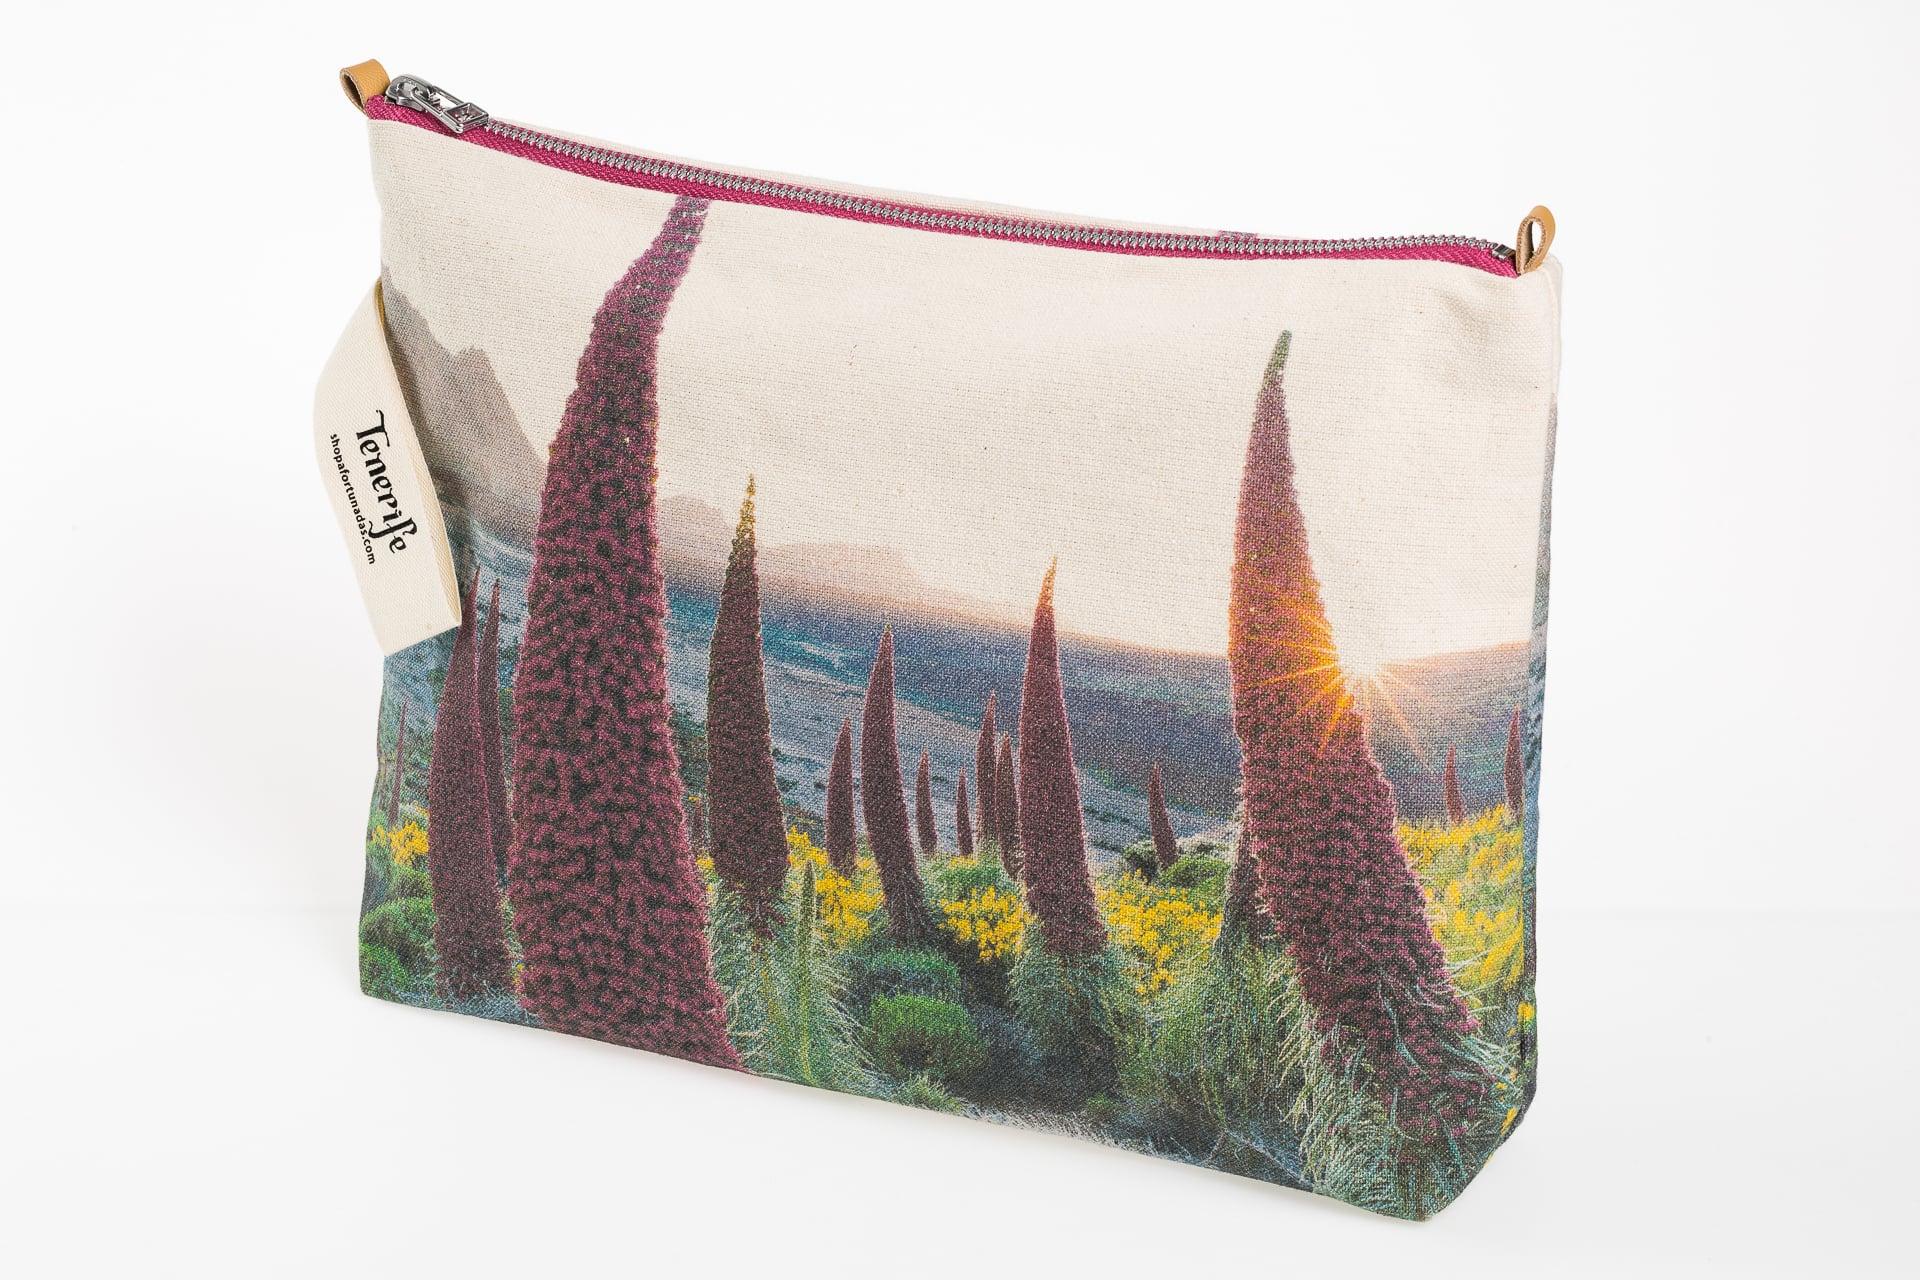 Tajinaste_in_spring-model2-pouch